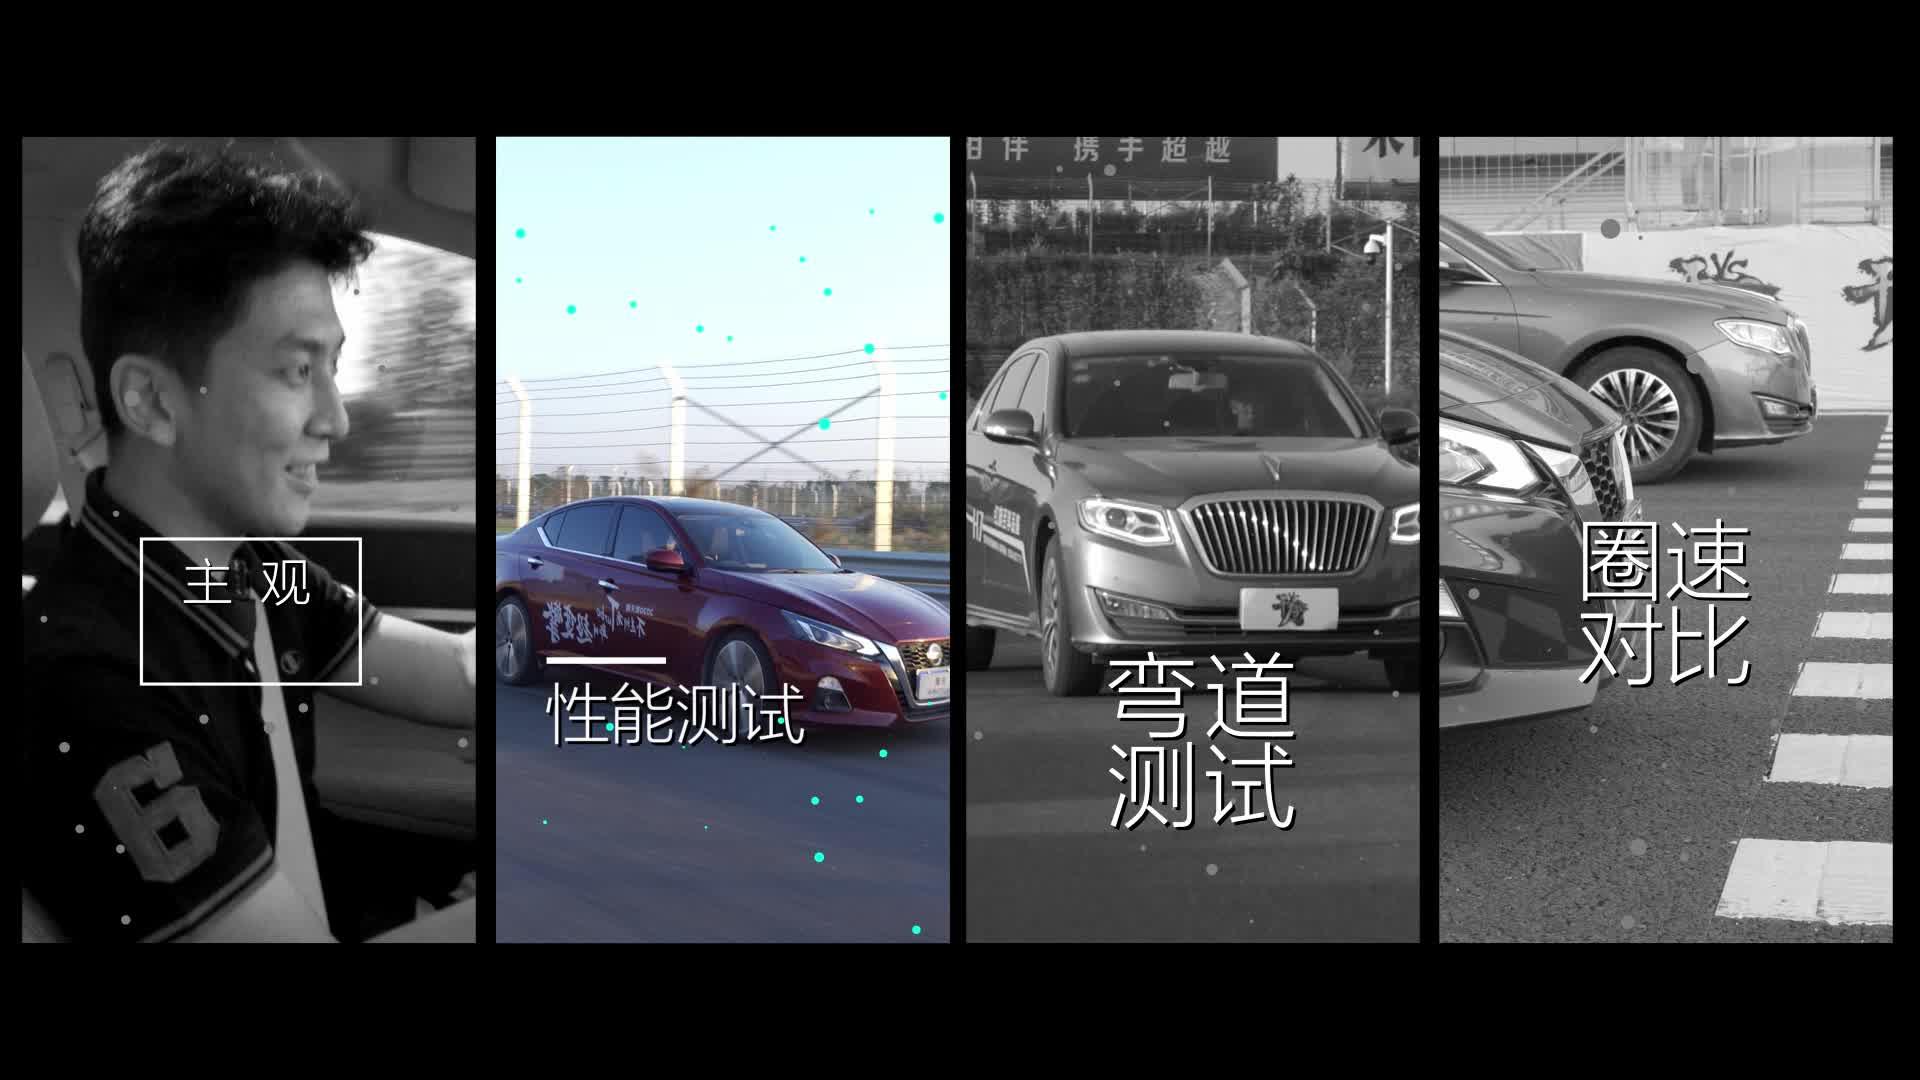 【干驾】性能测试:天籁加速7.16S取胜,红旗H7制动赢得太惊险!